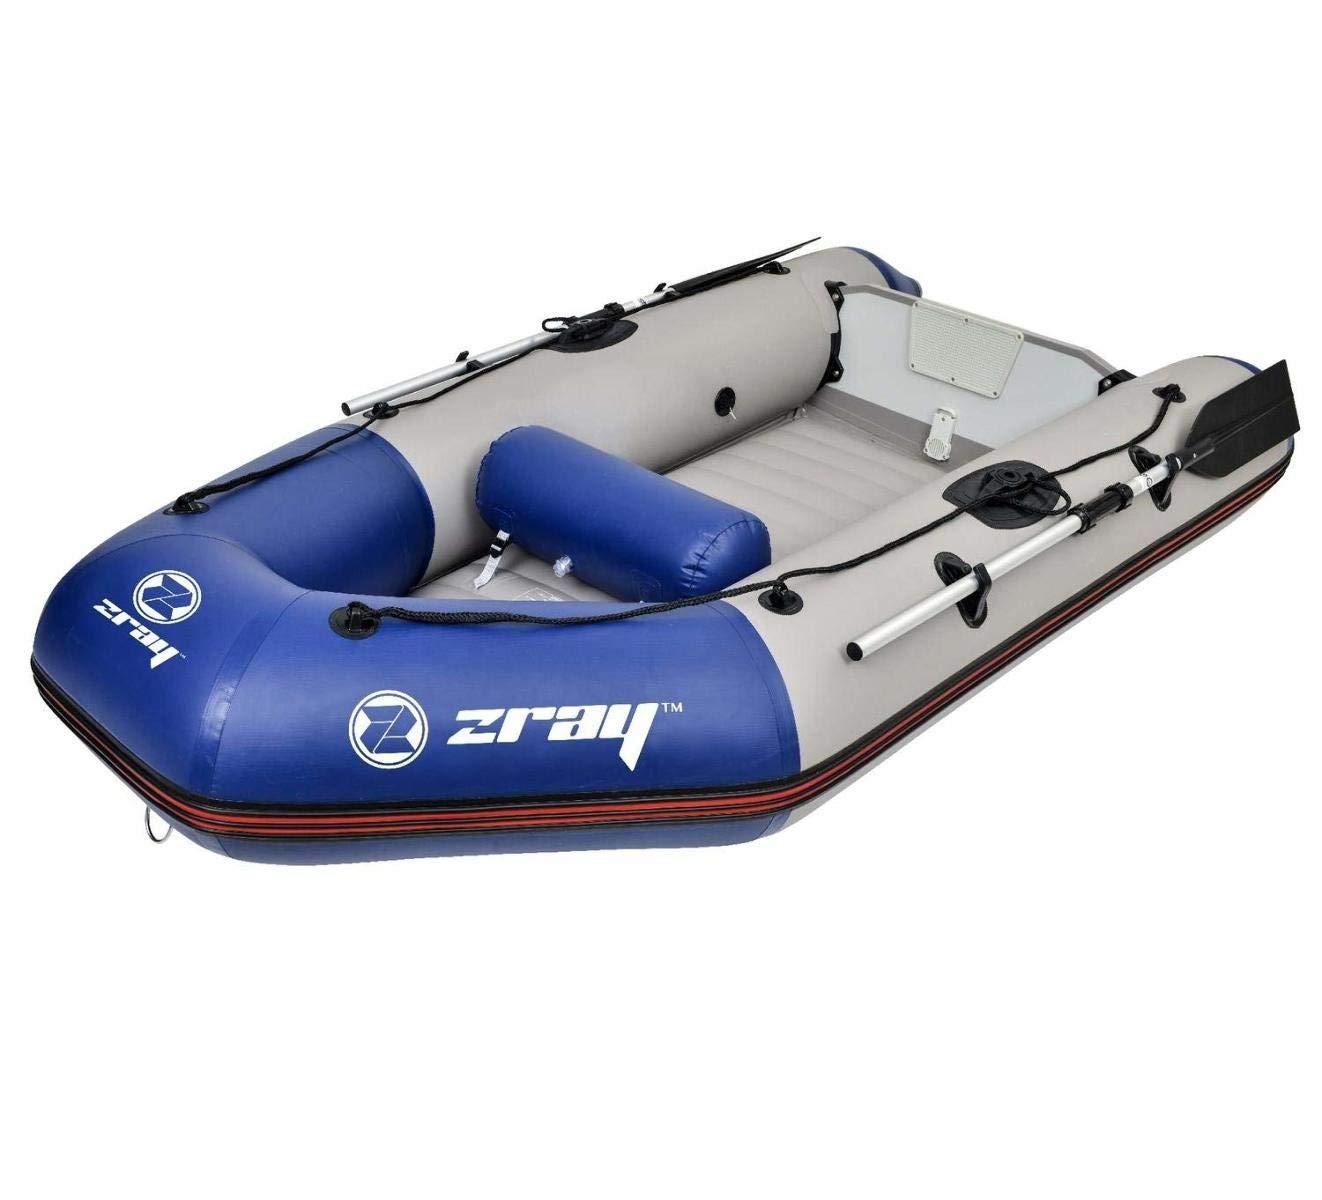 Amazon.com: z-ray jabalina IV 300 3 persona bote inflable ...